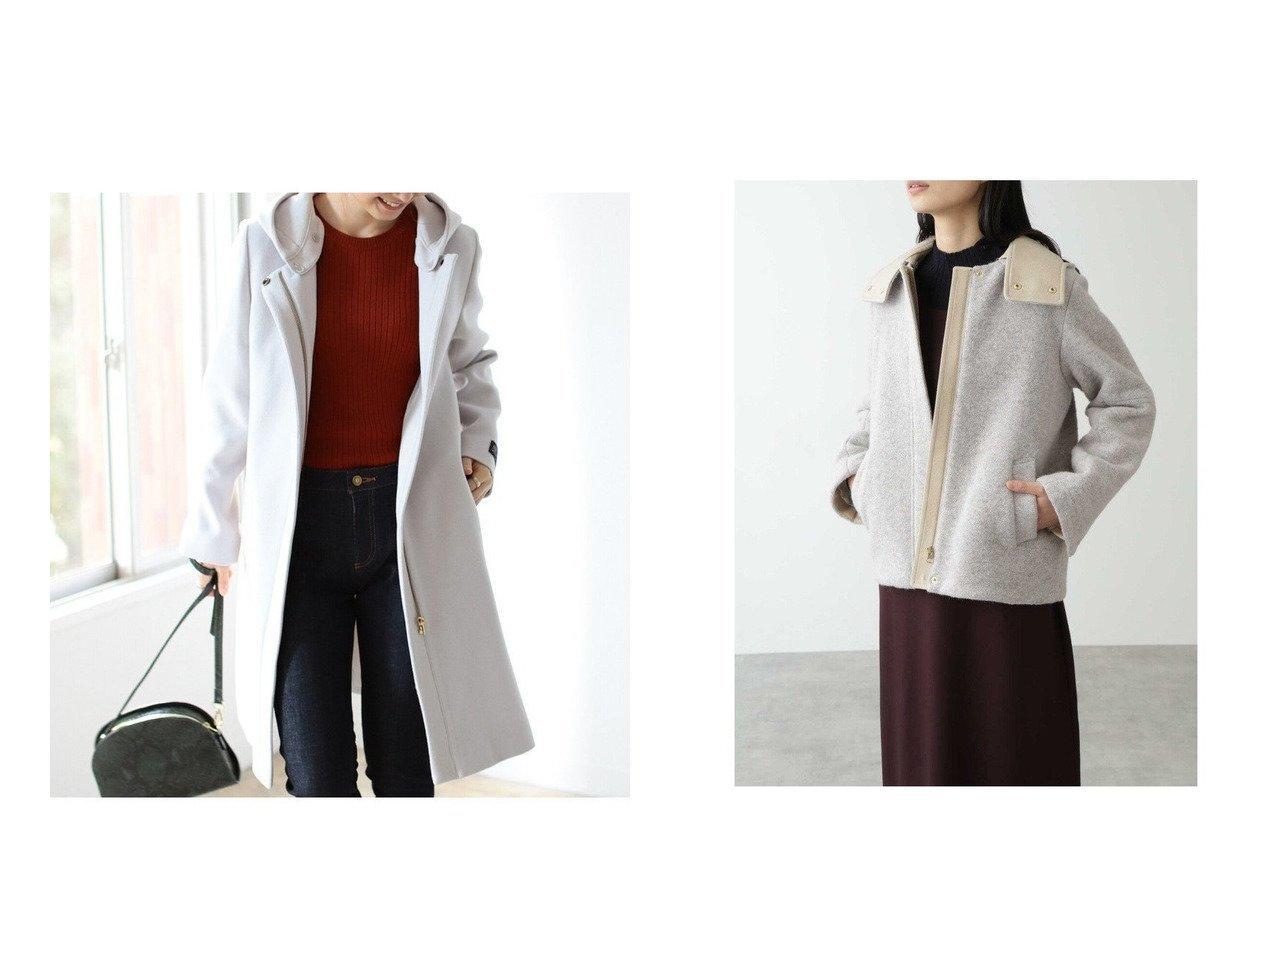 【B:MING by BEAMS/ビーミング by ビームス】のB: BALLI フード ロング コート 20AW&【HUMAN WOMAN/ヒューマンウーマン】のスライバーブルゾン アウターのおすすめ!人気、レディースファッションの通販 おすすめで人気のファッション通販商品 インテリア・家具・キッズファッション・メンズファッション・レディースファッション・服の通販 founy(ファニー) https://founy.com/ ファッション Fashion レディース WOMEN アウター Coat Outerwear コート Coats ジャケット Jackets ブルゾン Blouson Jackets 秋冬 A/W Autumn/ Winter シンプル ジップ ジャケット ストレート ロング イタリア ウォーム ジャージー ドット ブルゾン メタル |ID:crp329100000003120